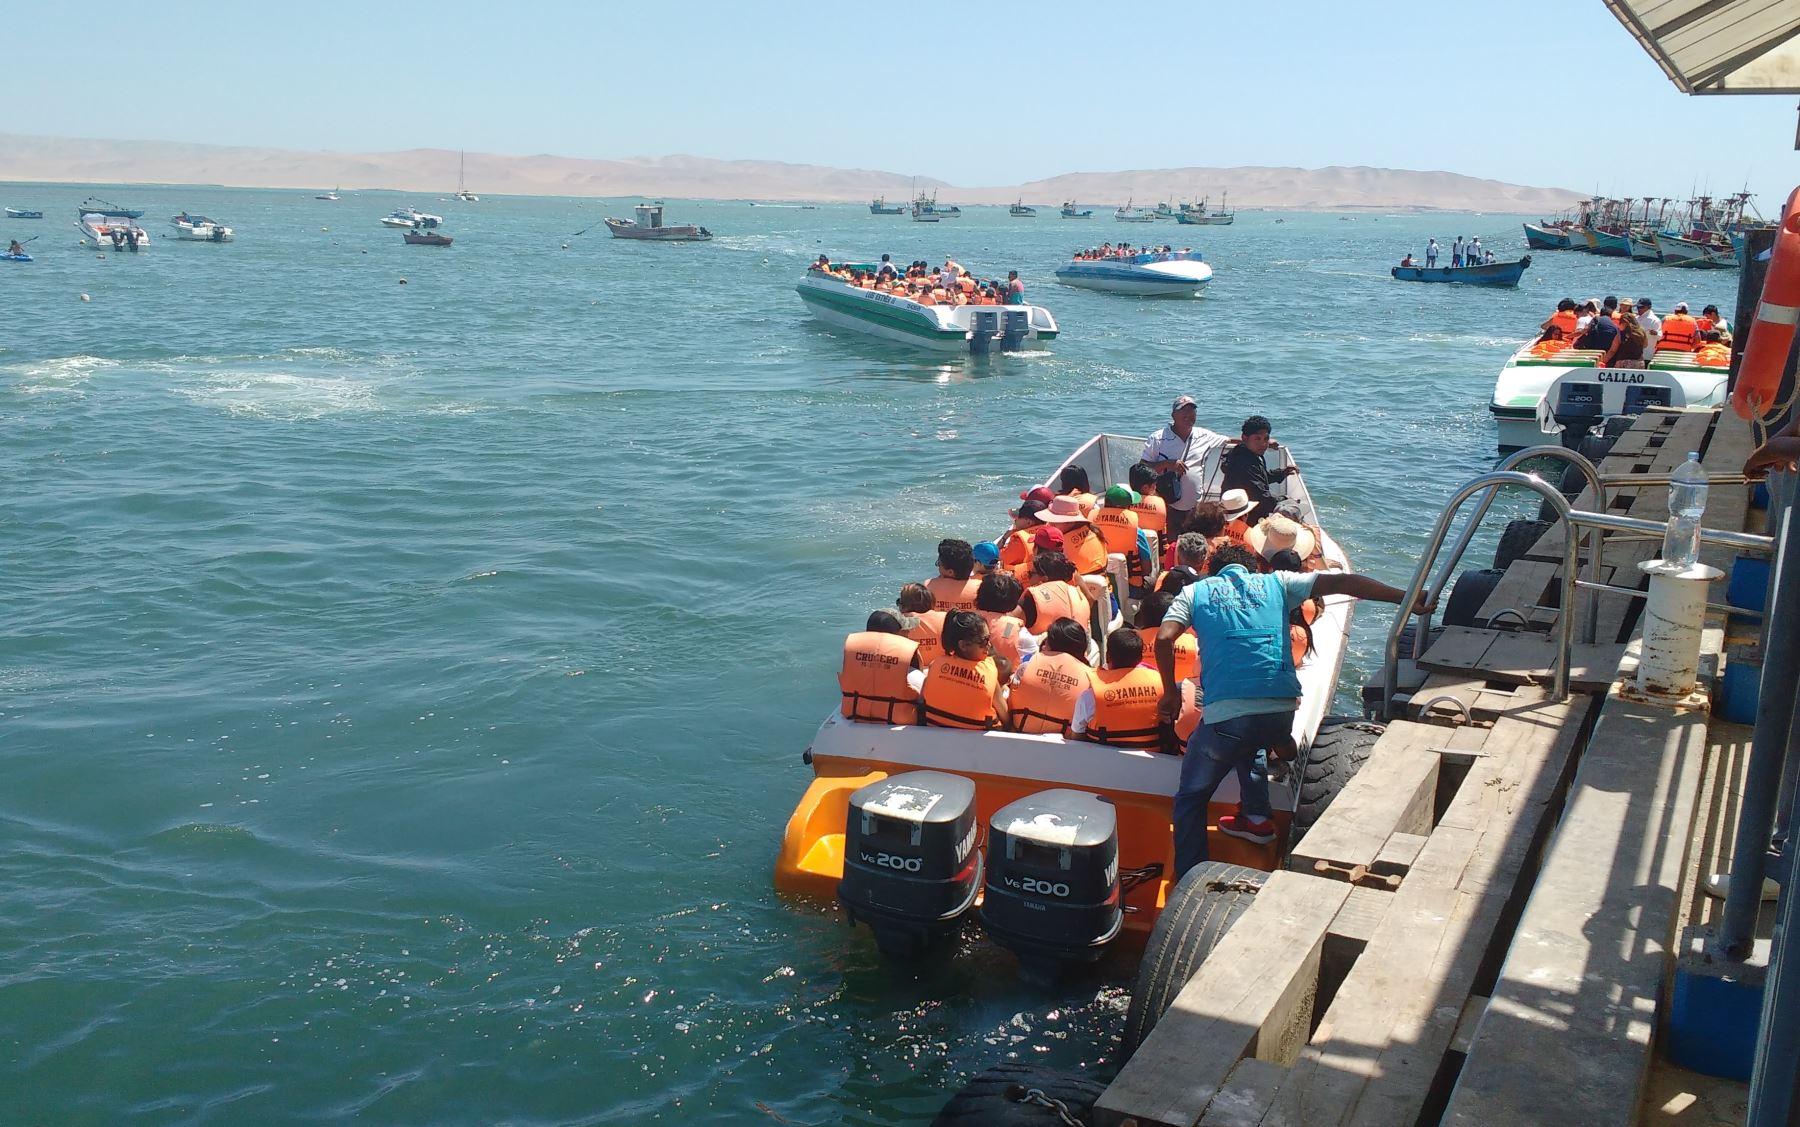 Turistas en Paracas rumbo a las Islas Ballestas. Foto: Cortesía Capatur.